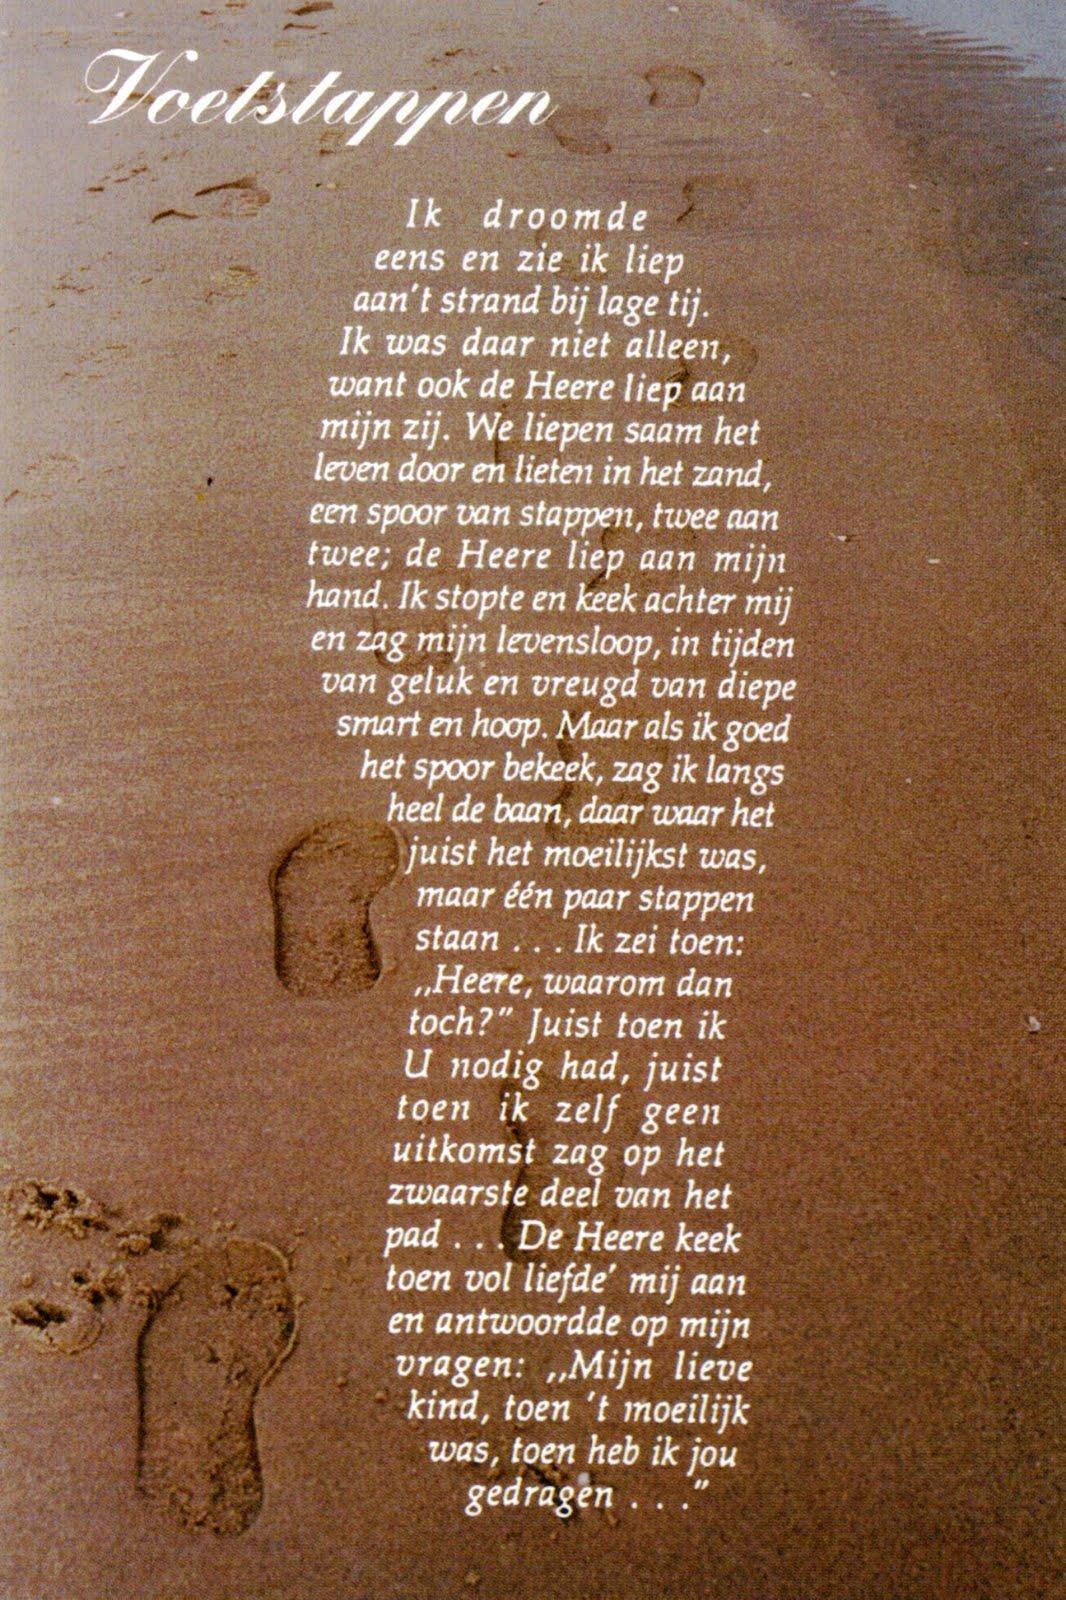 Zondagsarbeid voetstappen in het zand